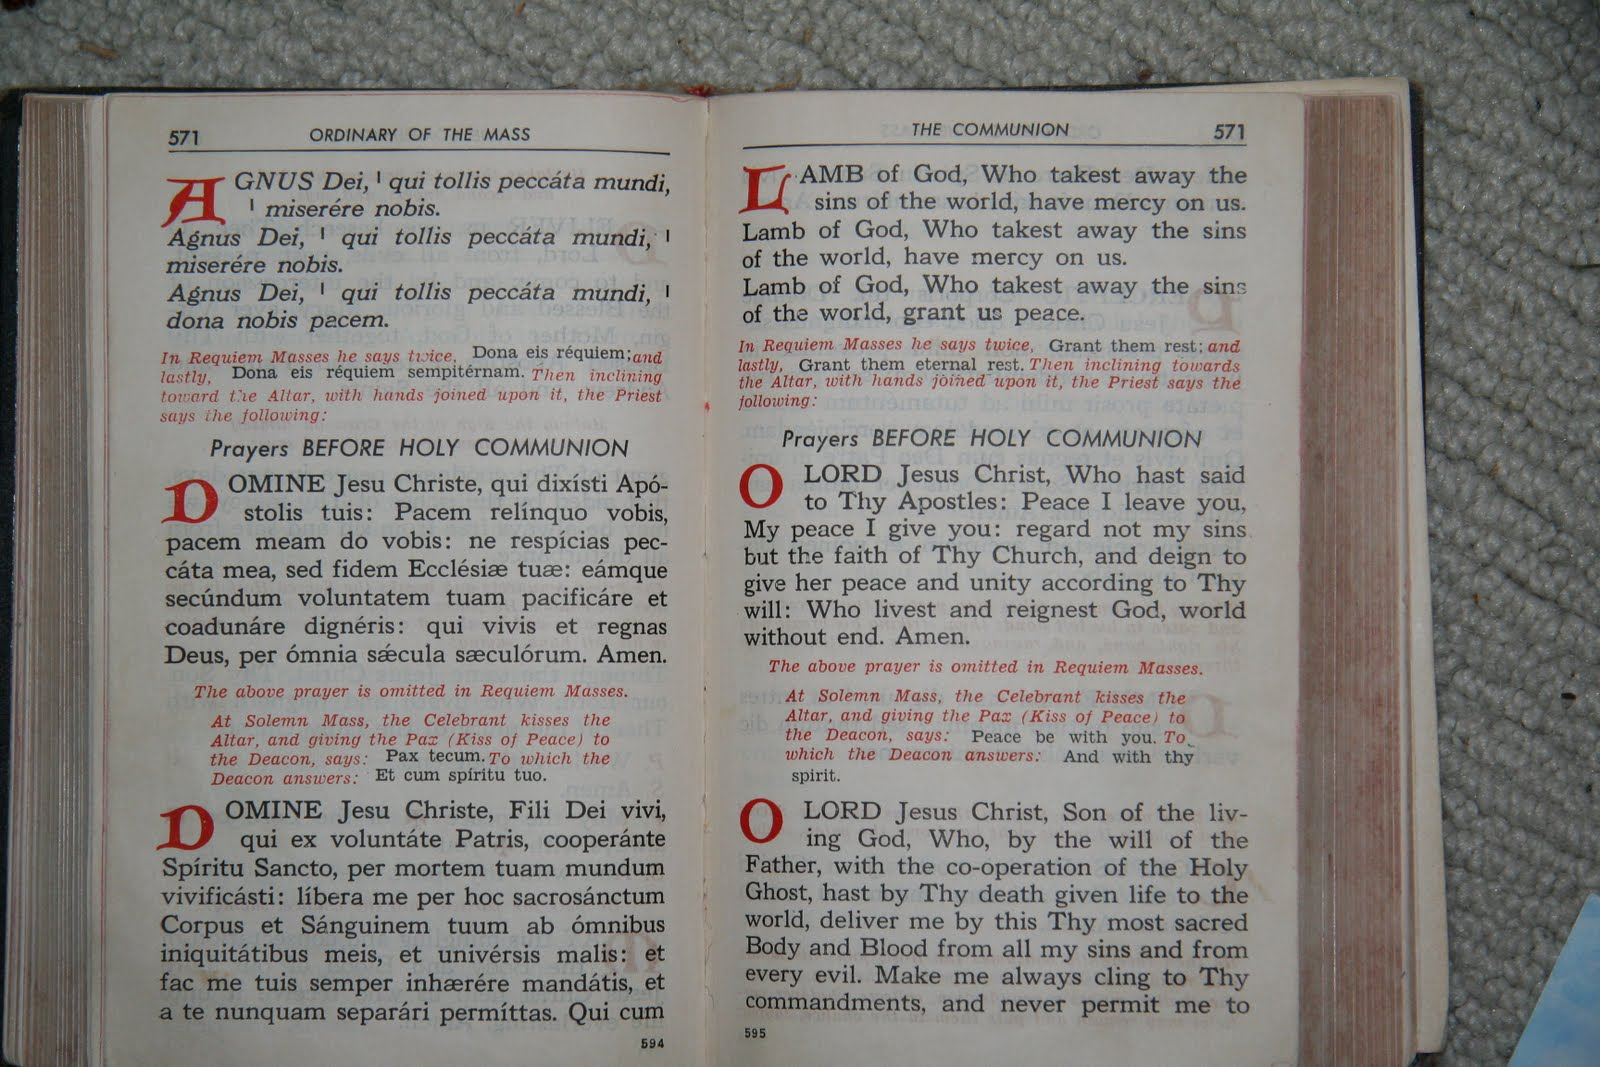 Каноны ко причащению читает